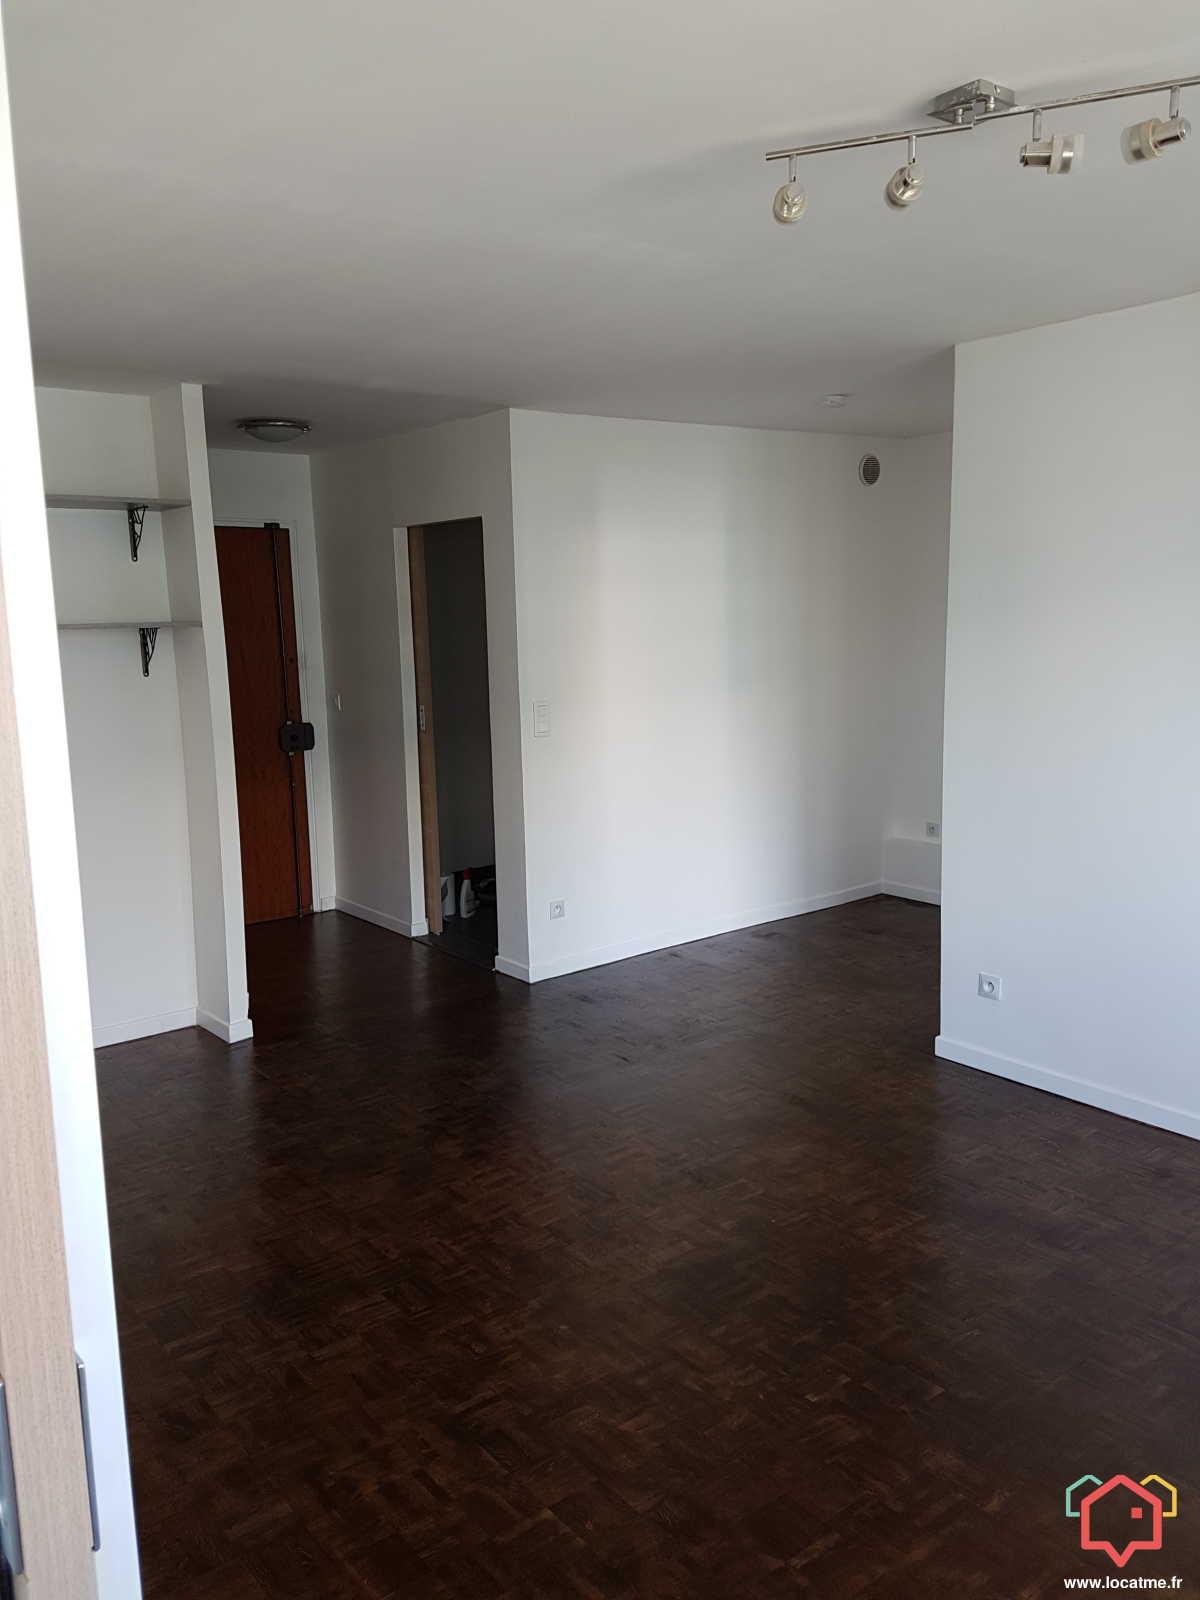 Appartement Non Meublé à Louer à Courbevoie